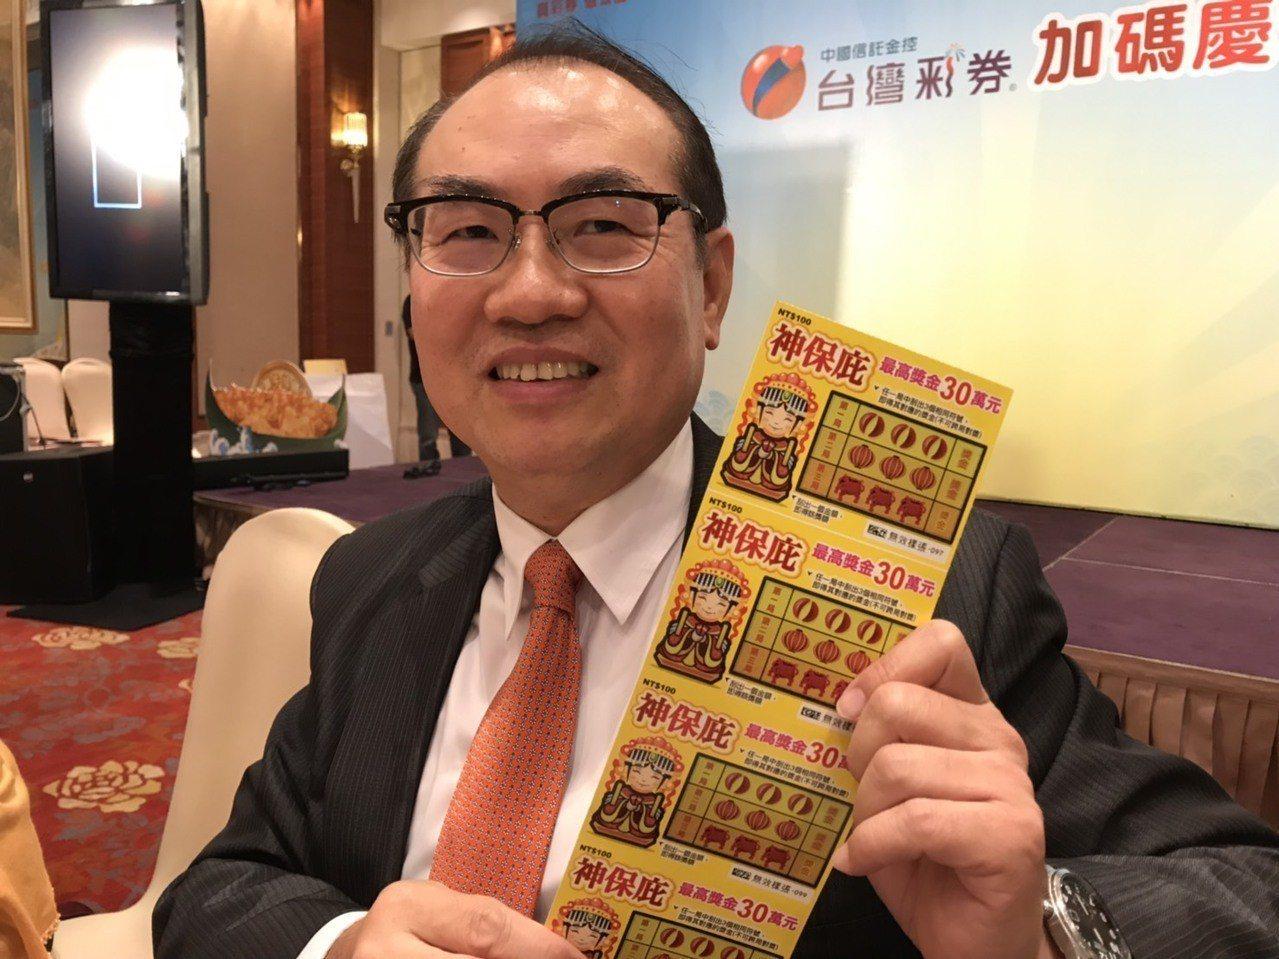 台彩總經理蔡國基說,刮刮樂創新商品神保庇在媽祖繞境當周,台中市的銷售金額較前一周...